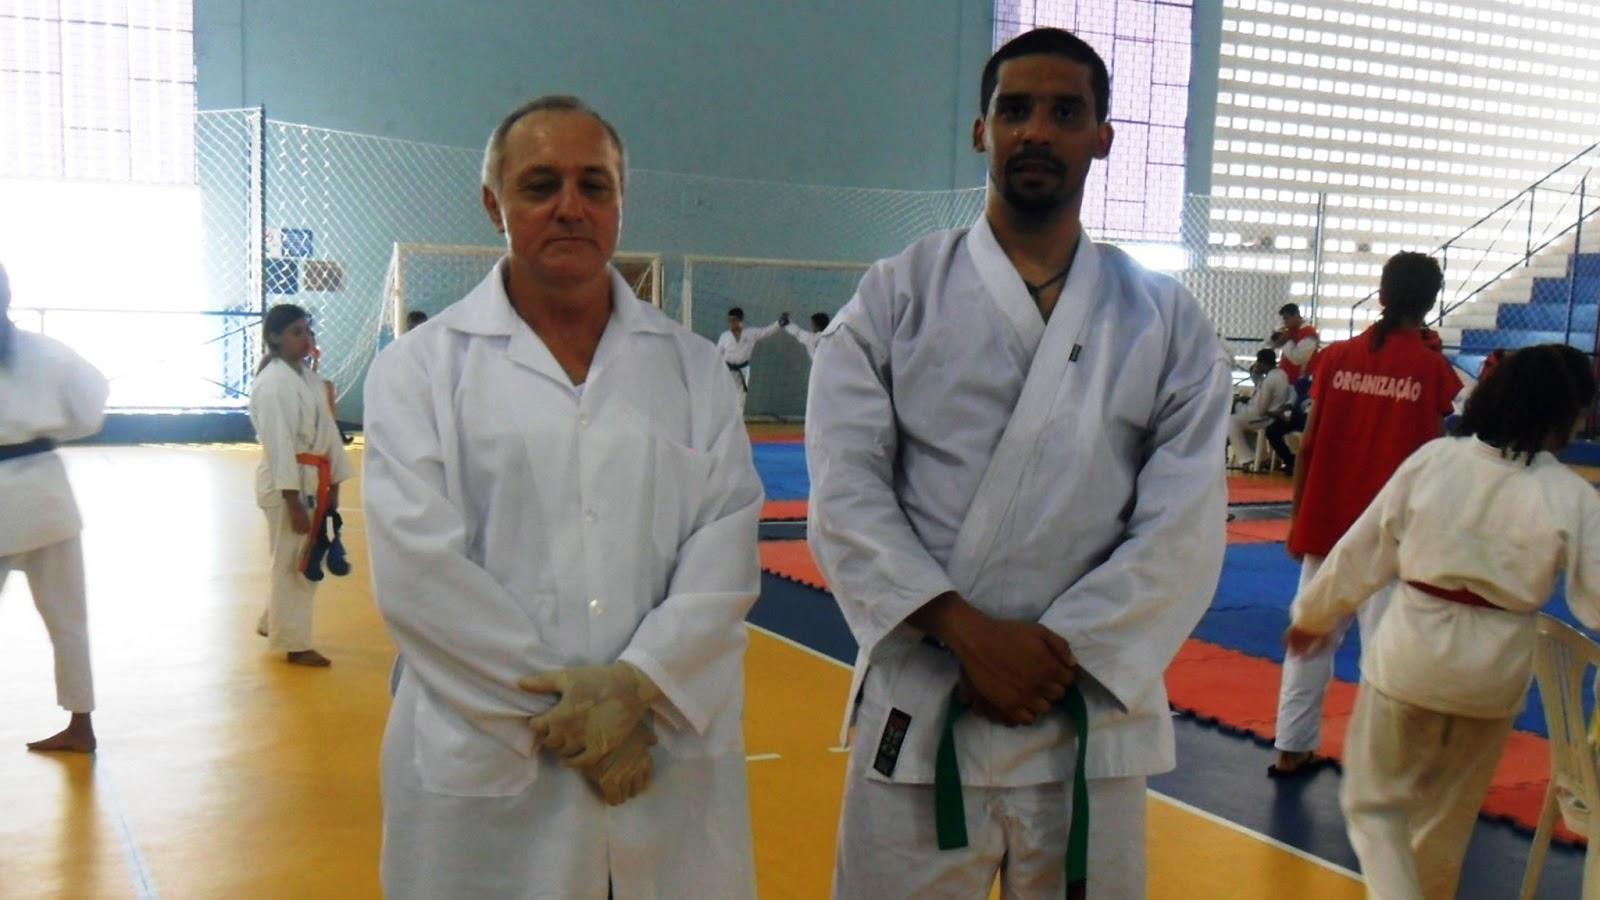 Foto professor Hélio Simões e Doutor Jordão Ramos trabalhando como socorristas no XV Campeonato Pernambucano de Karatê Interestilos